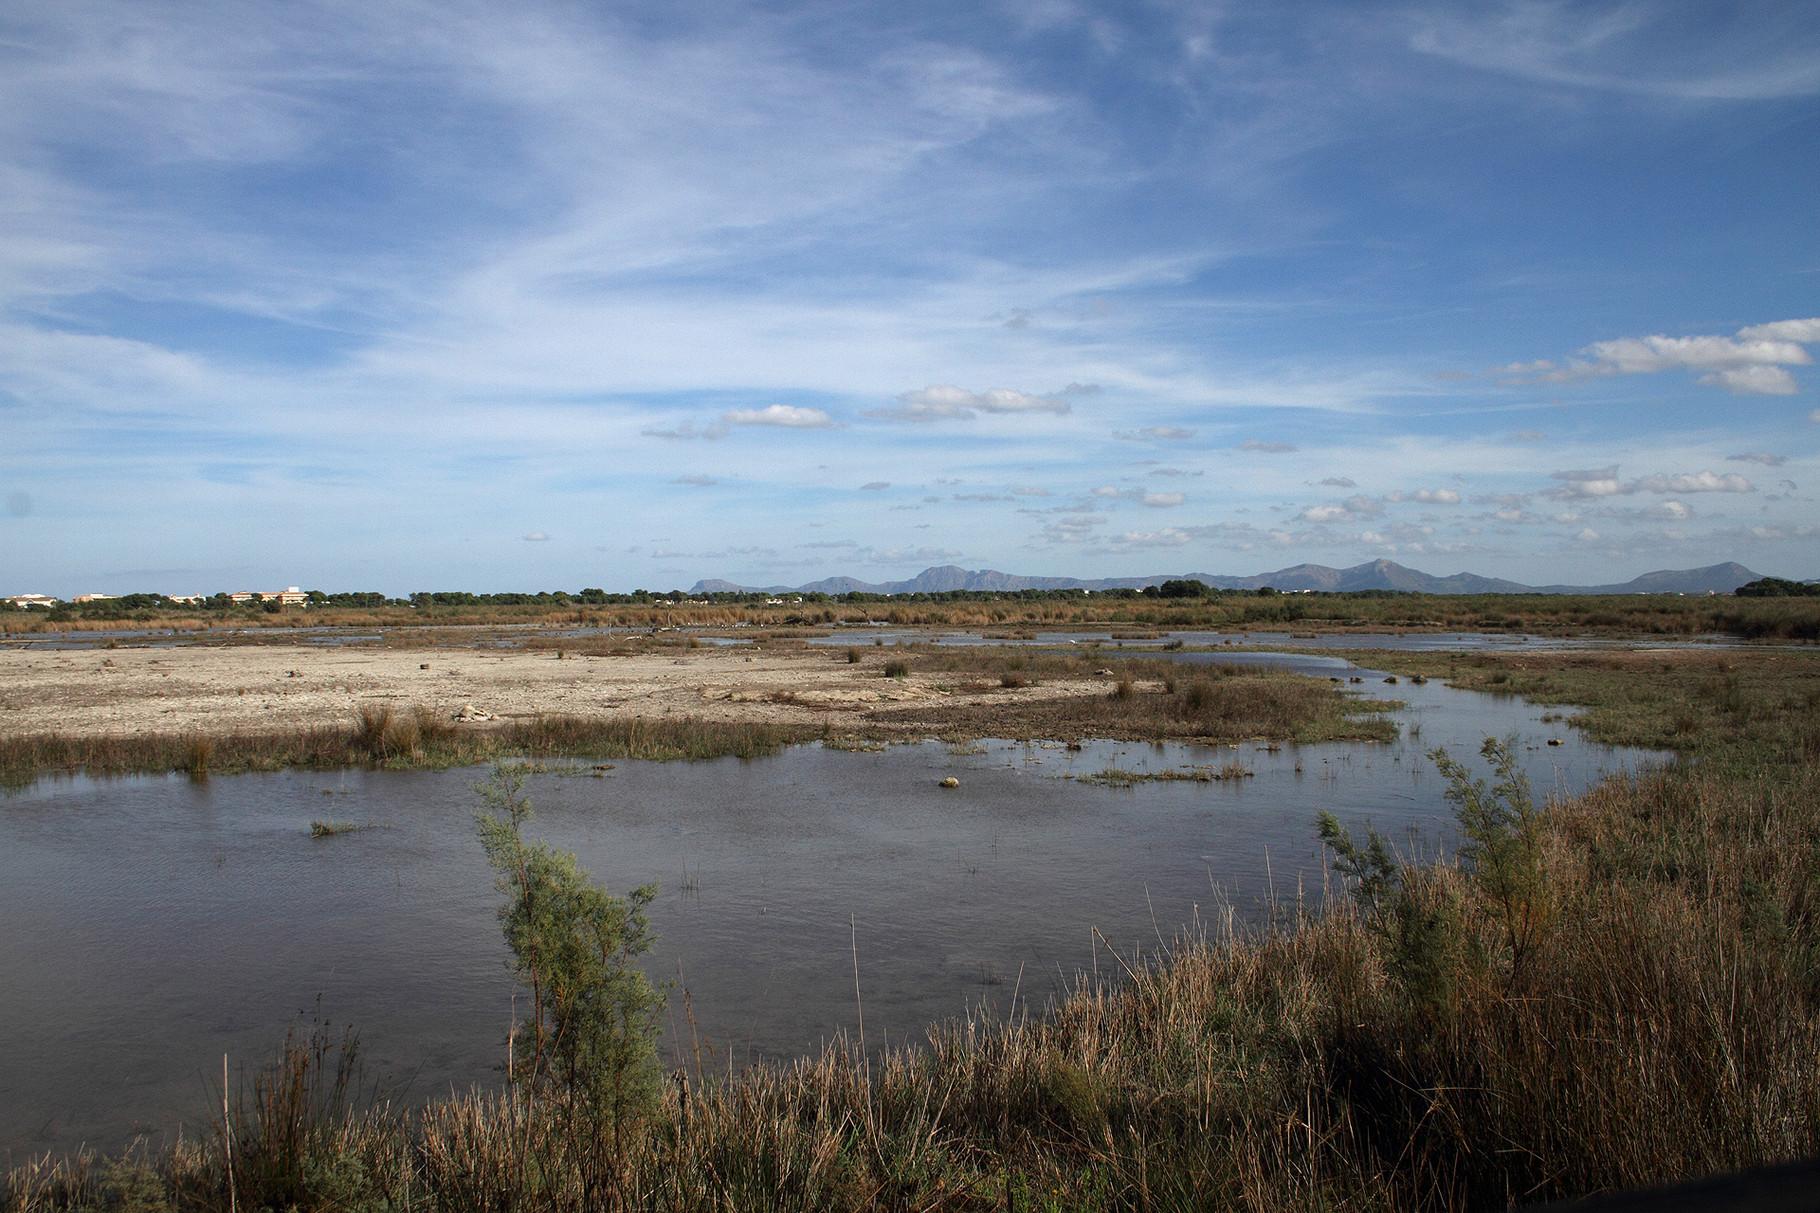 Feuchtgebiet s'Albufera im Norden der Insel